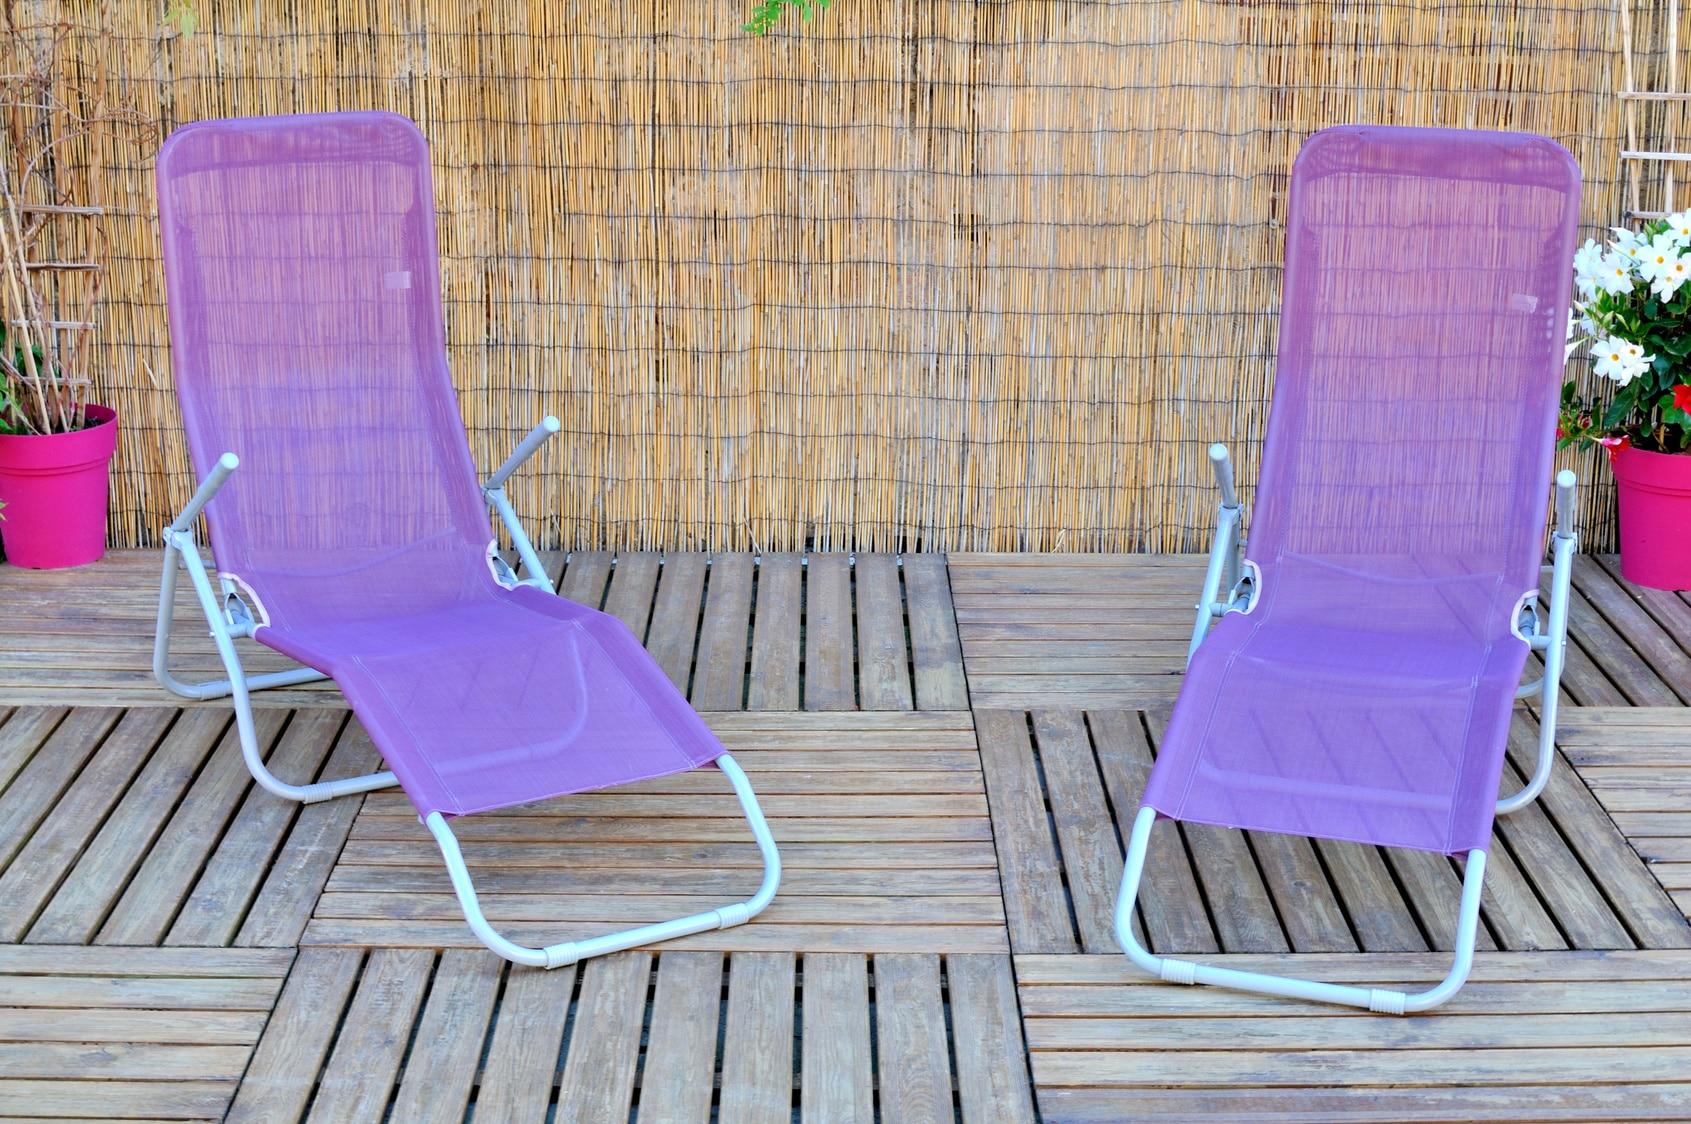 comment nettoyer votre salon de jardin les astucieux. Black Bedroom Furniture Sets. Home Design Ideas